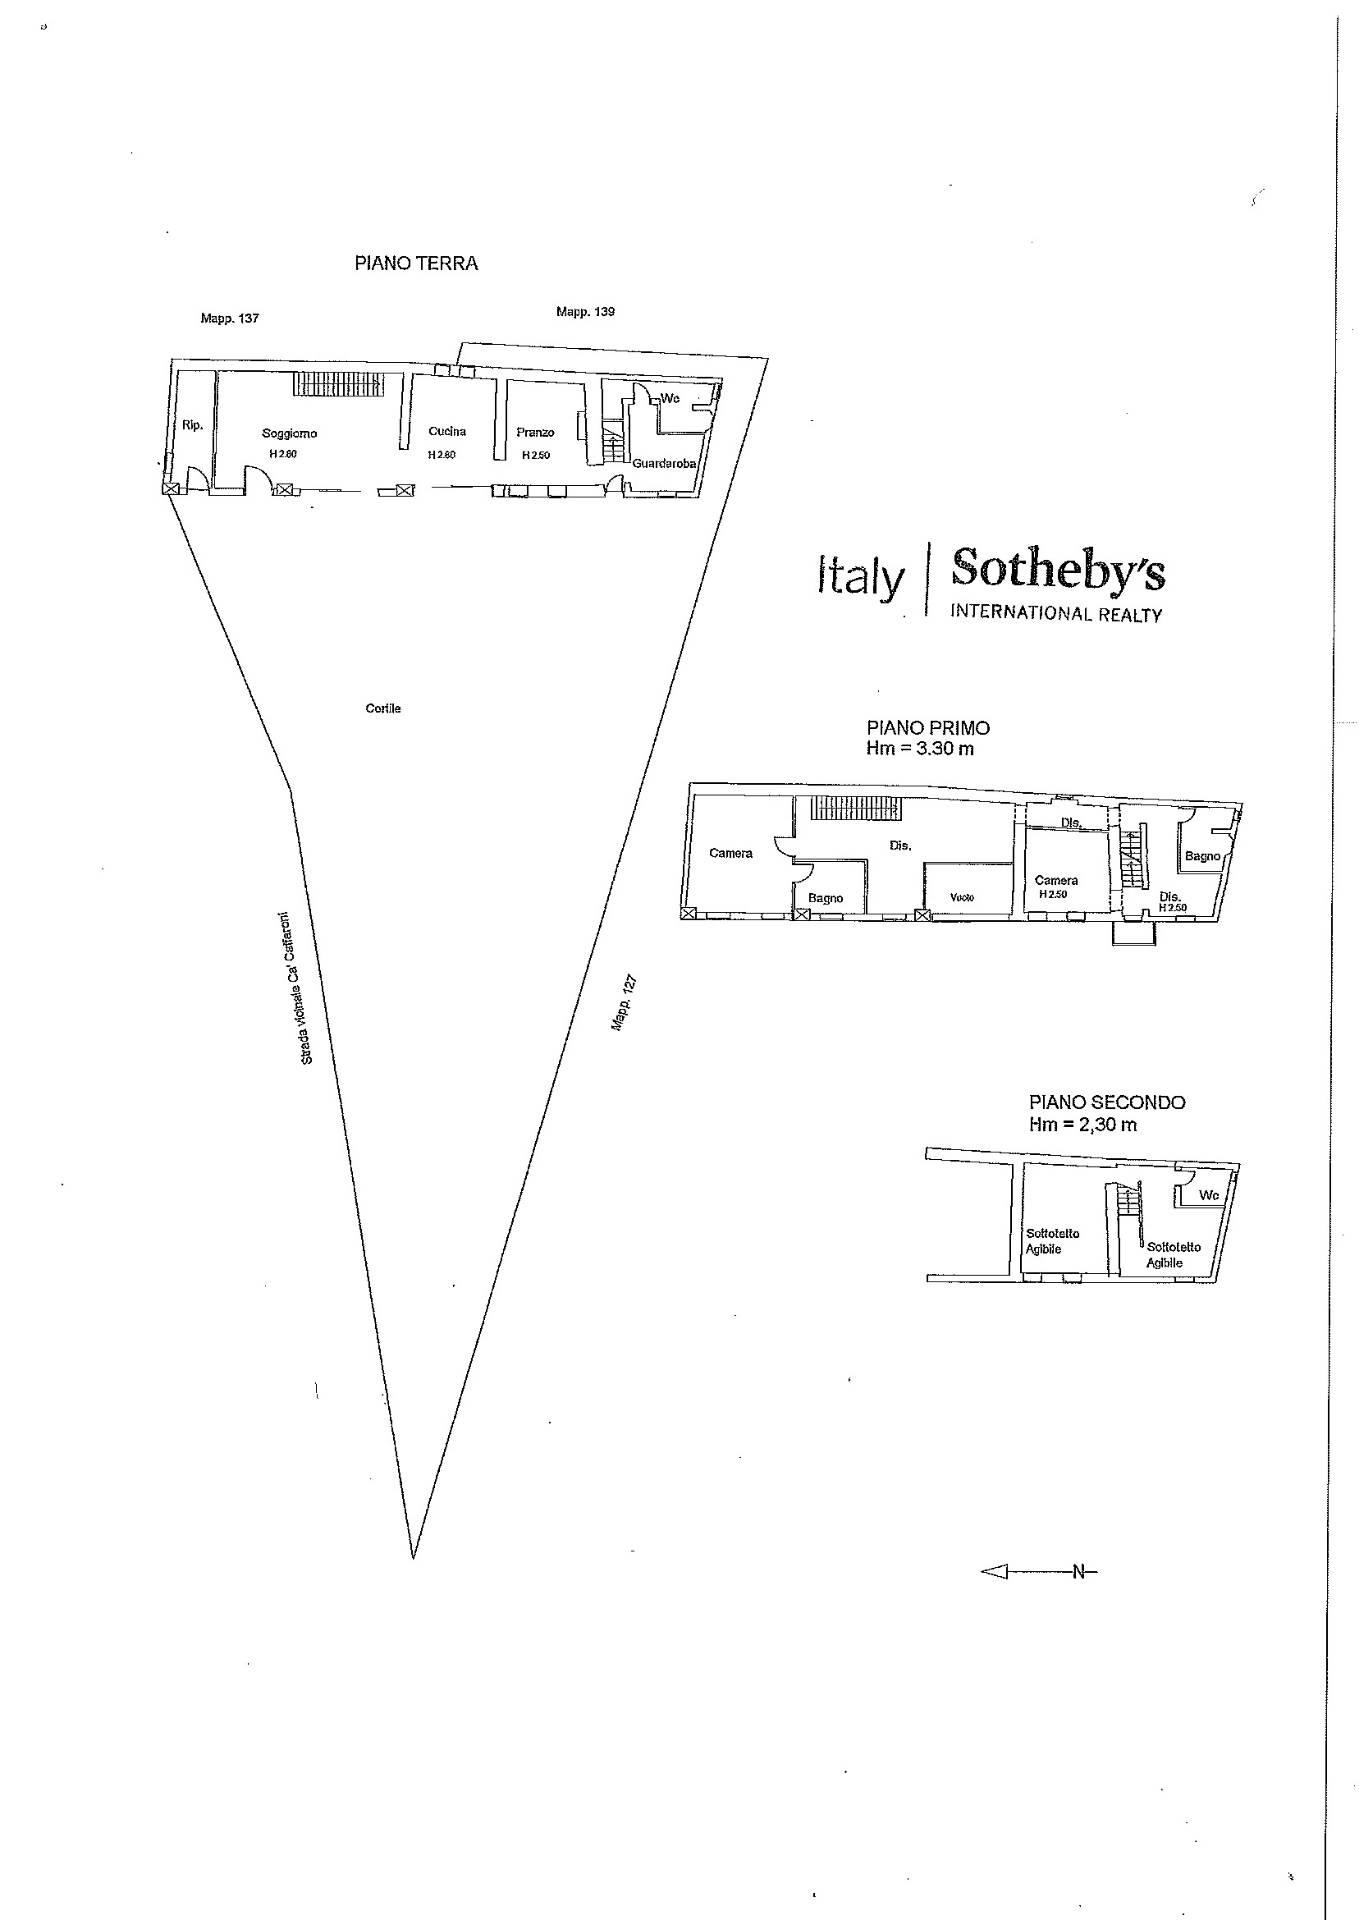 Rustico in Vendita a Montemarzino: 5 locali, 300 mq - Foto 28